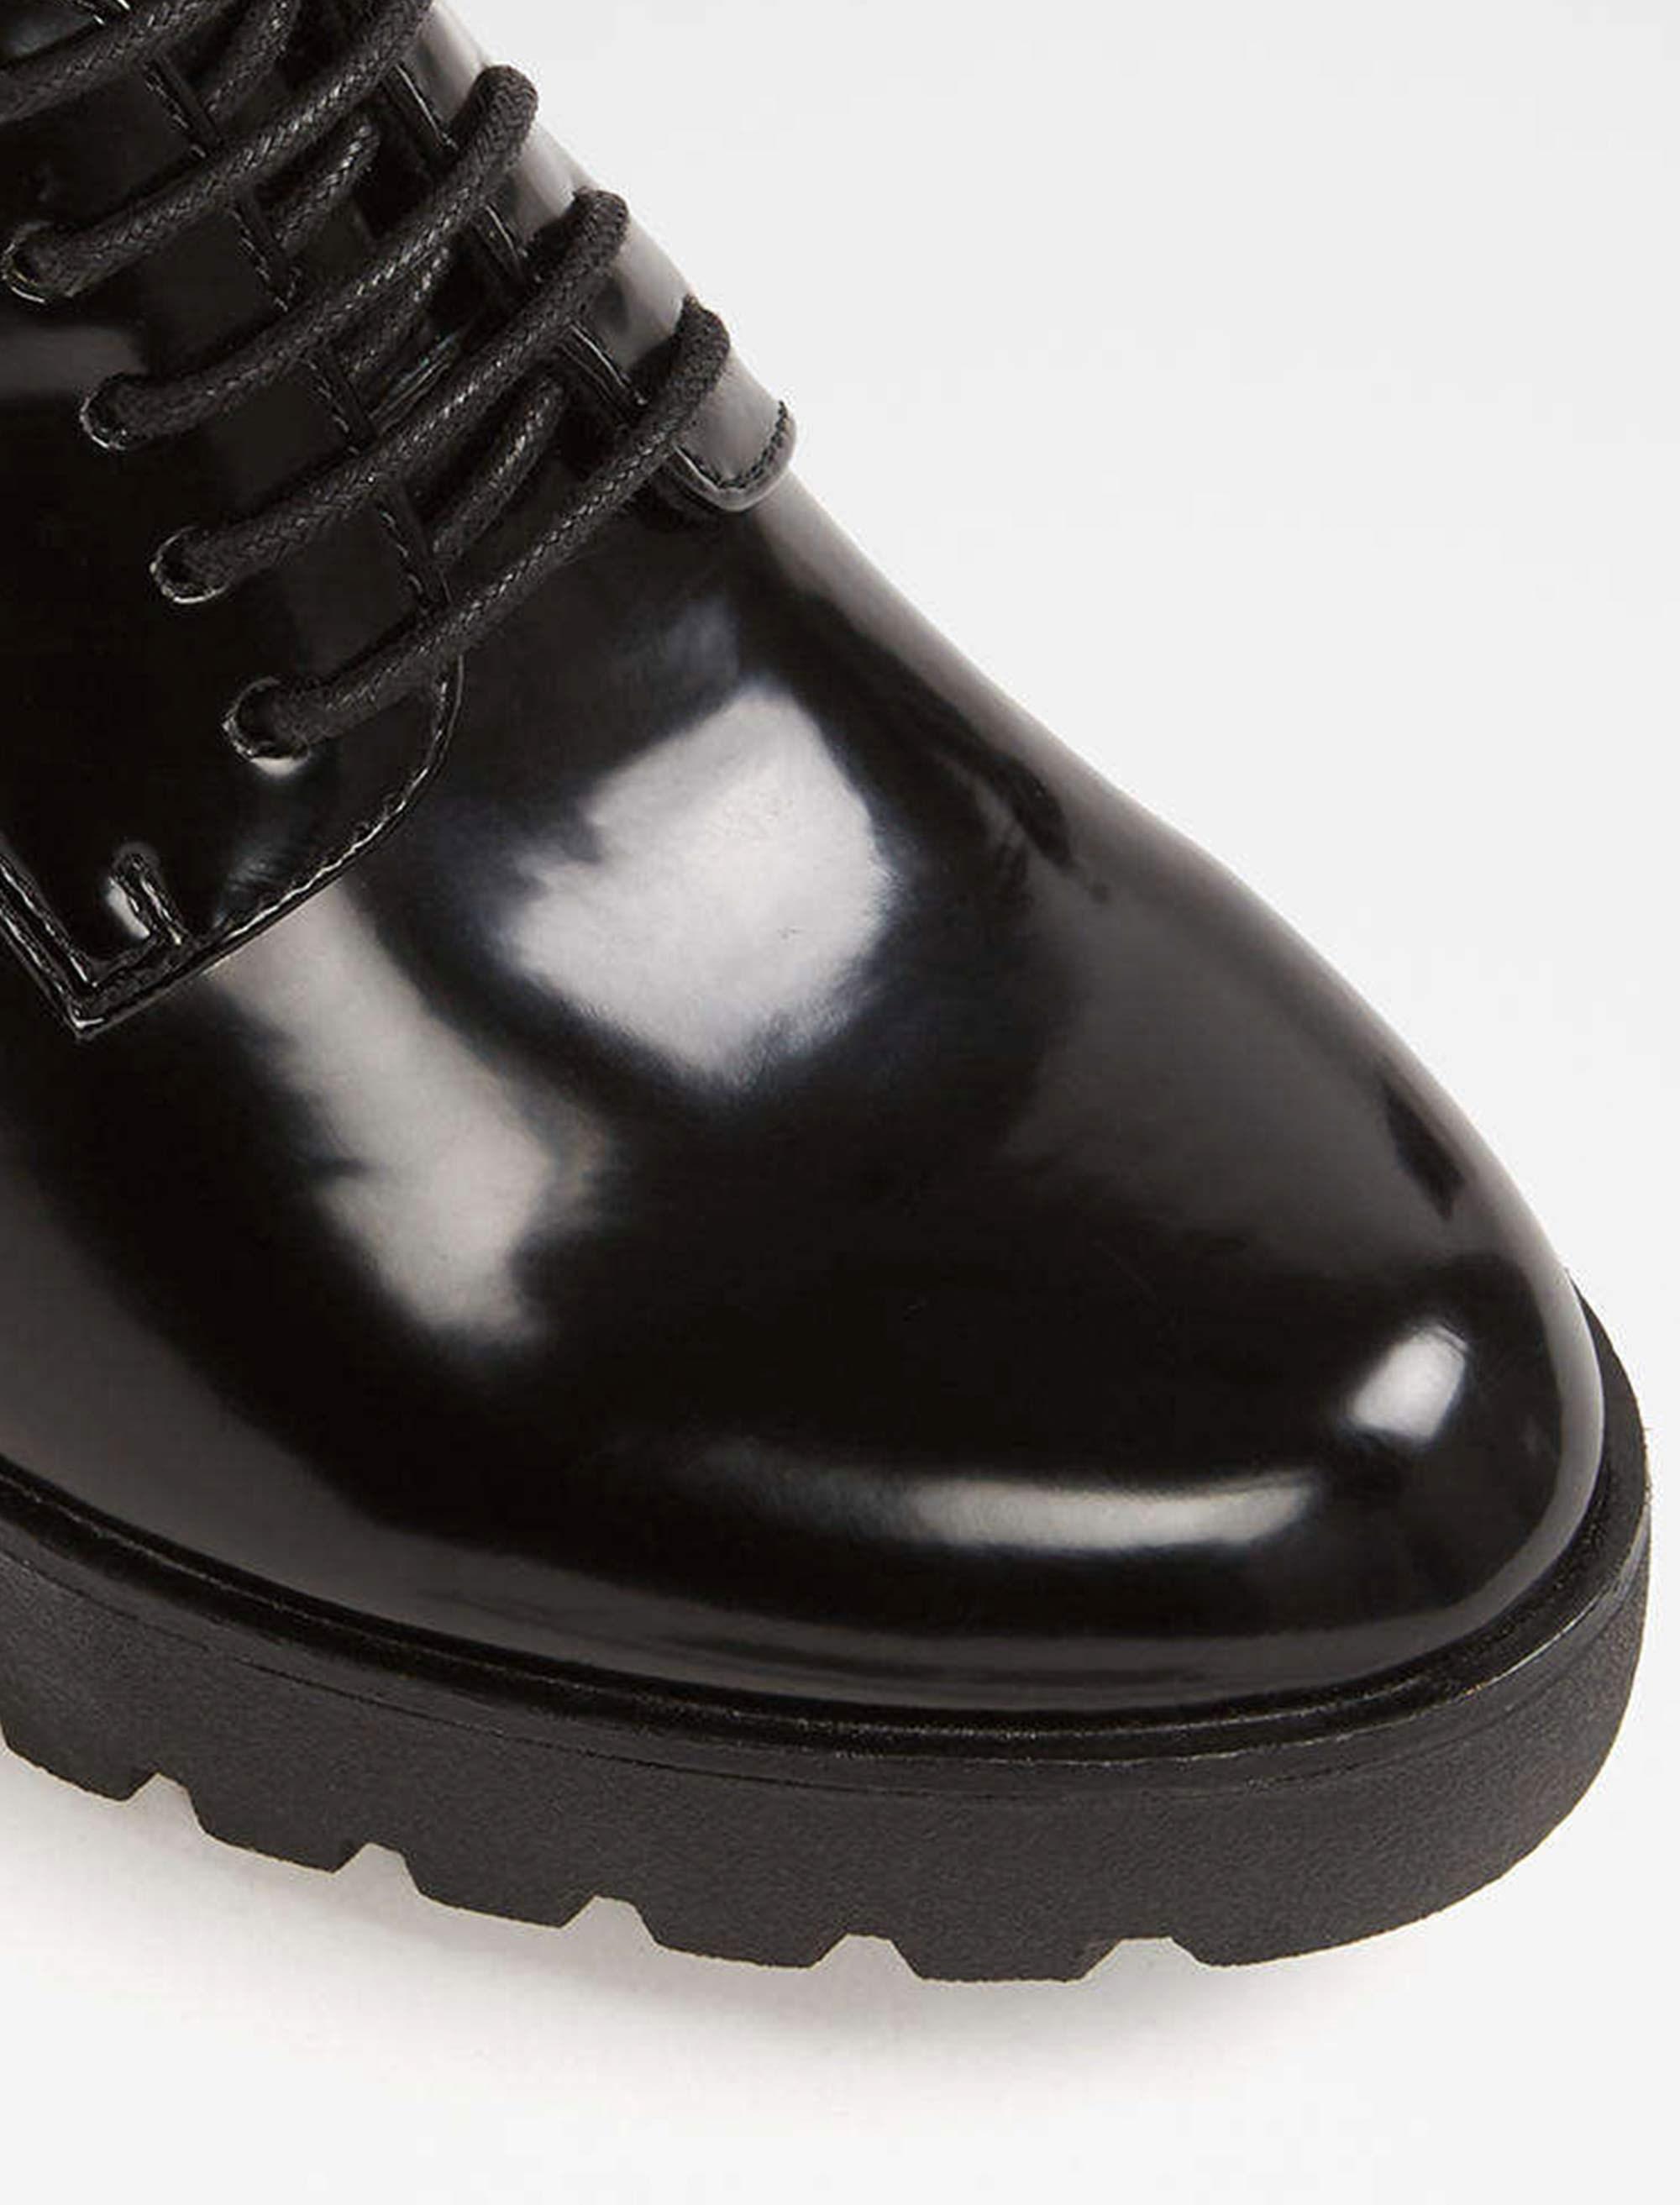 کفش پاشنه بلند زنانه - مشکي - 4